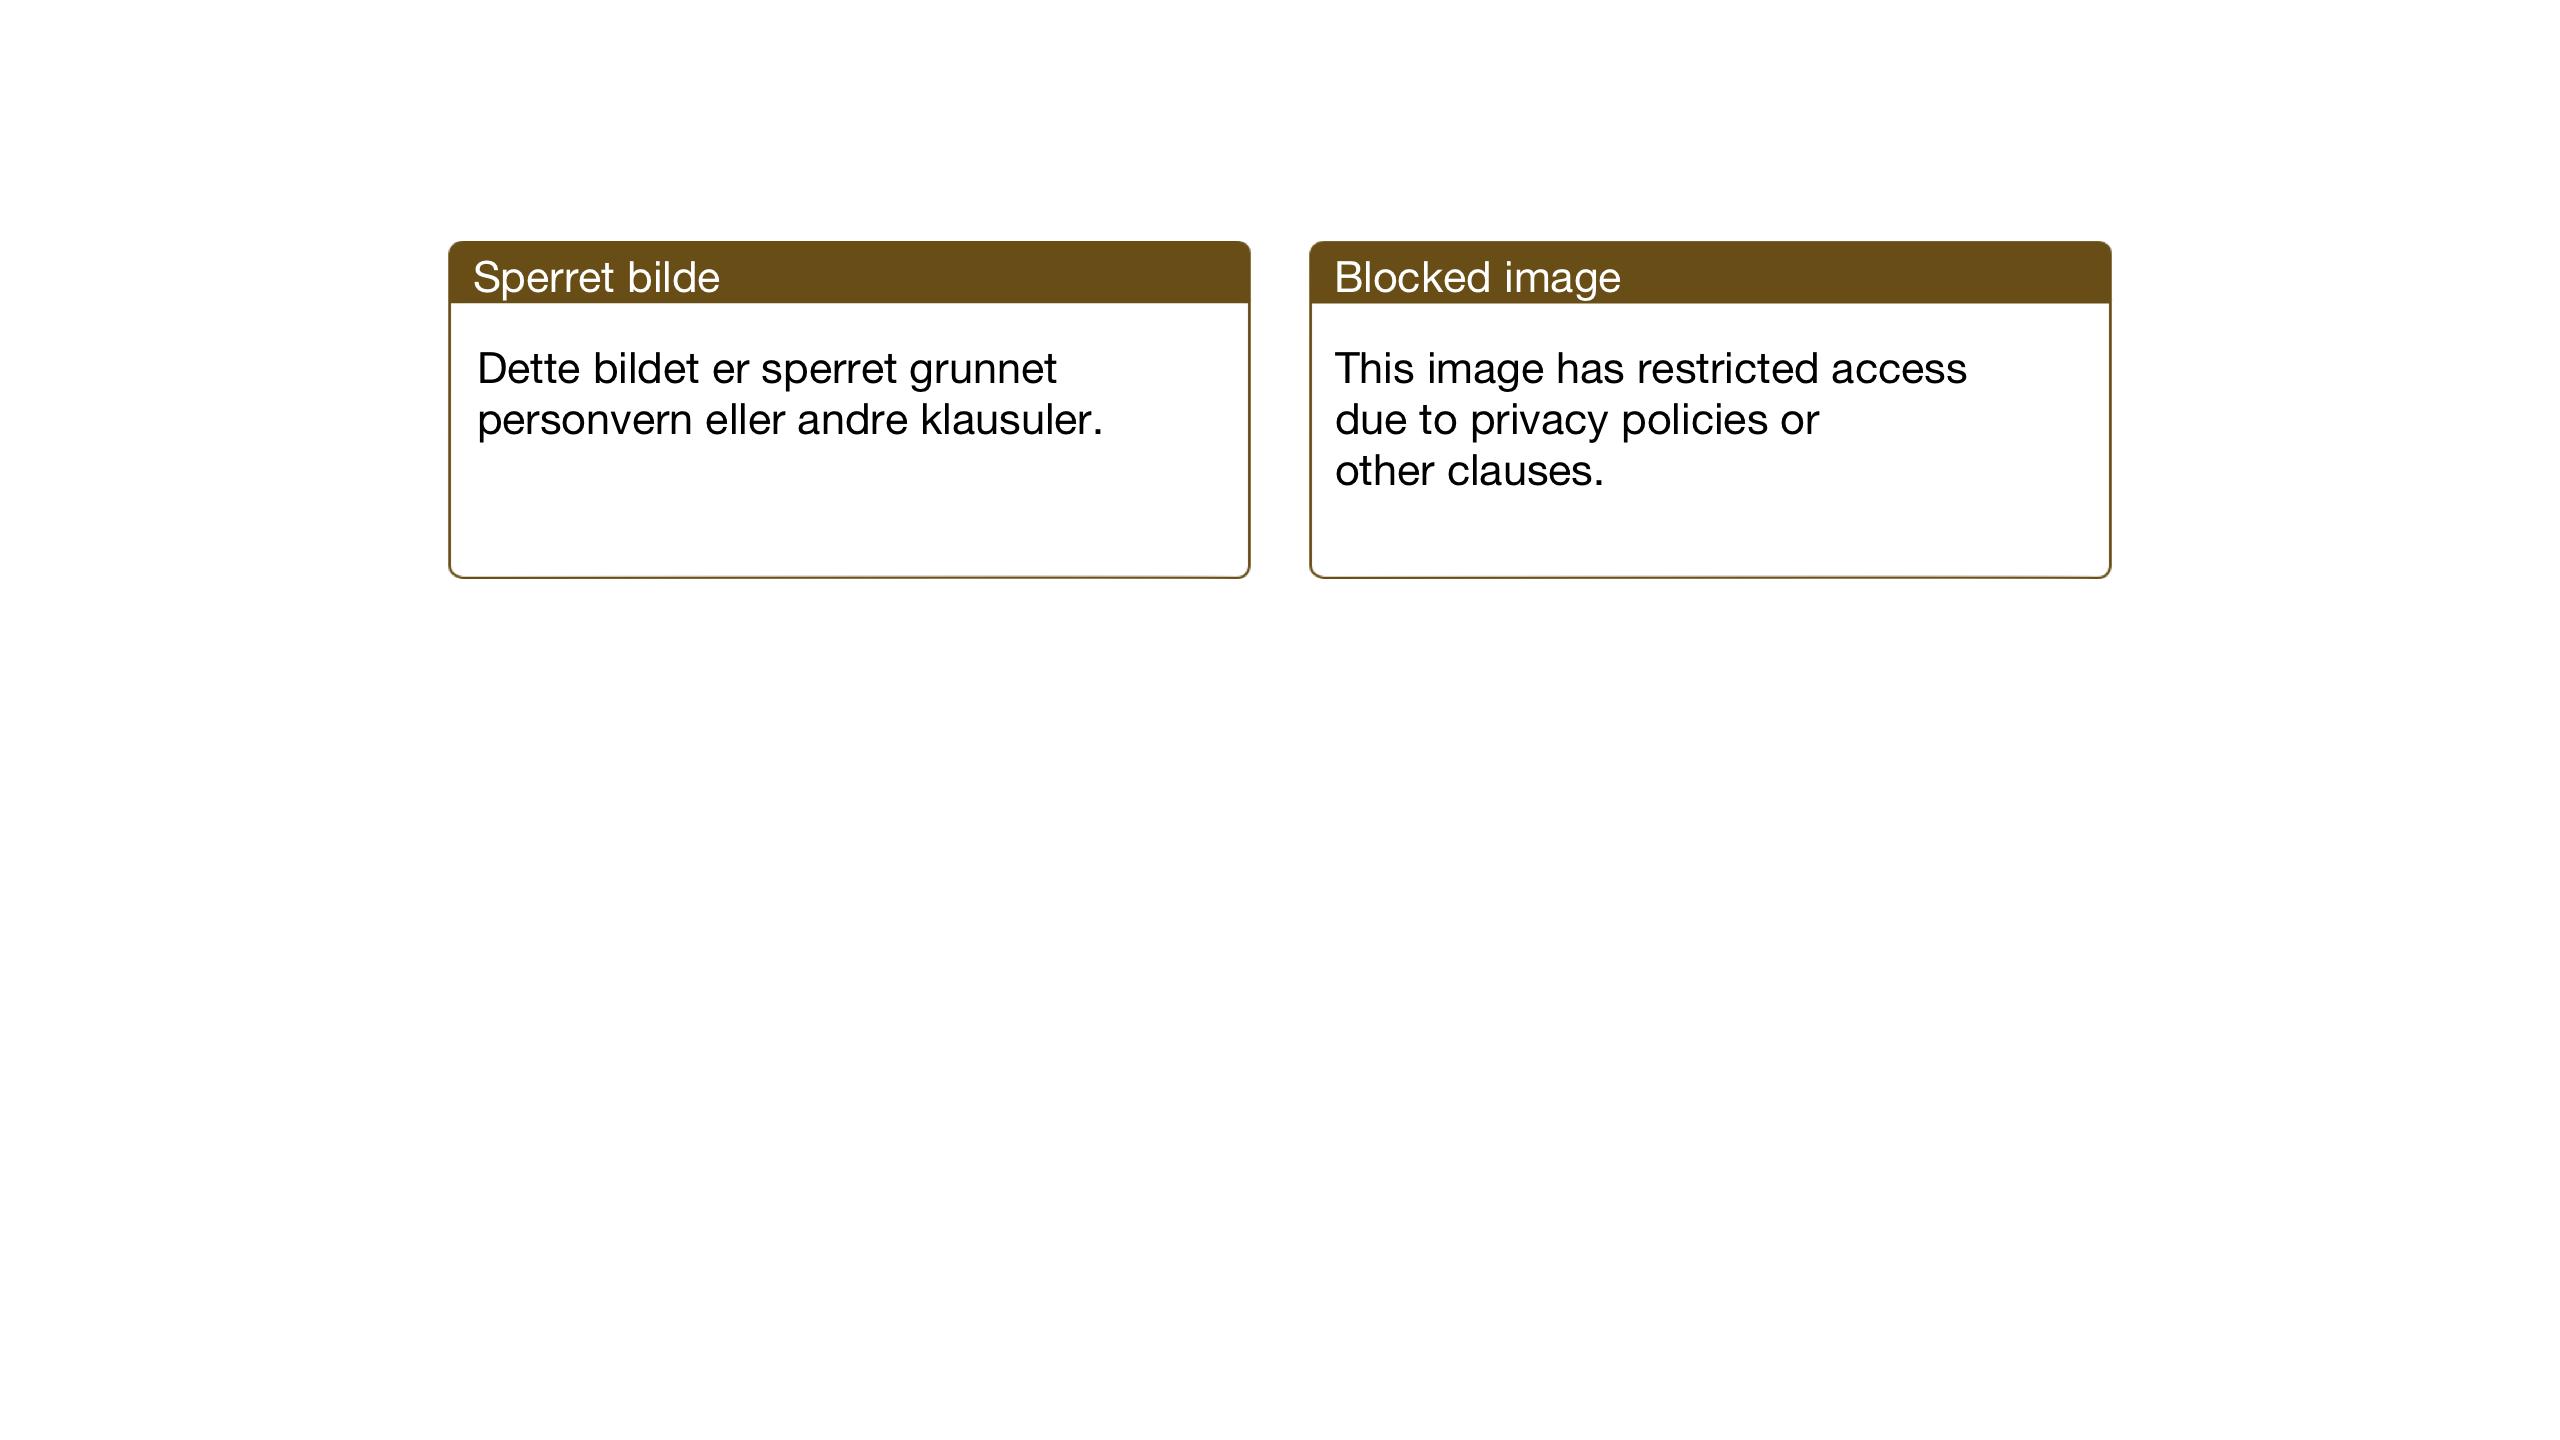 SAT, Ministerialprotokoller, klokkerbøker og fødselsregistre - Sør-Trøndelag, 681/L0944: Klokkerbok nr. 681C08, 1926-1954, s. 86